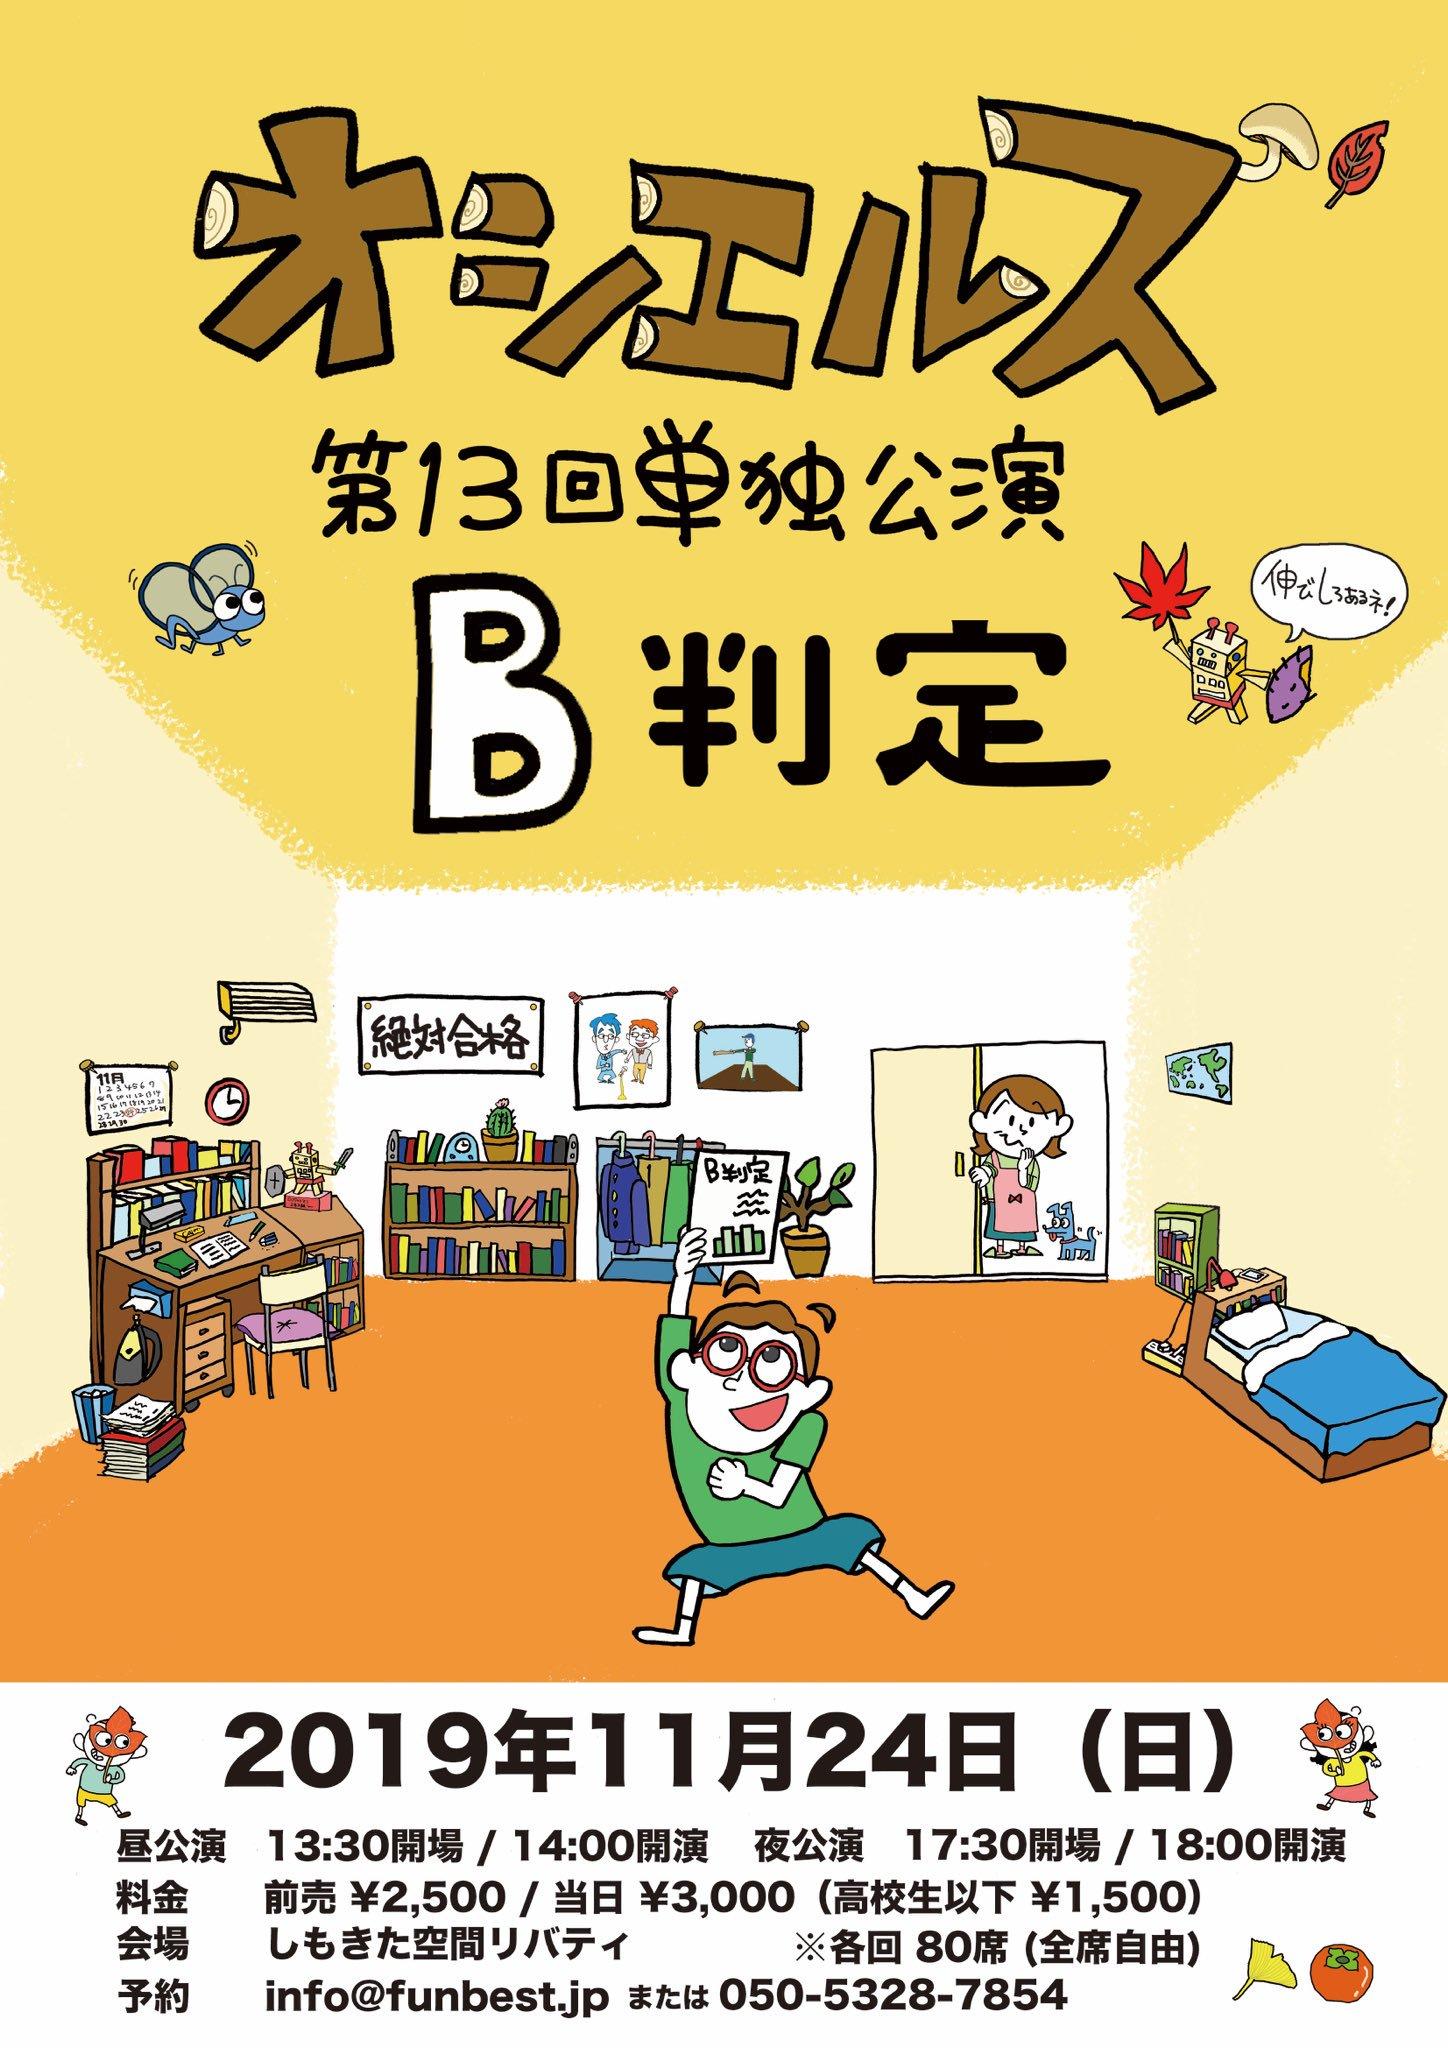 【ポイントでお笑いを観よう!】オシエルズ第13回単独公演「B判定」